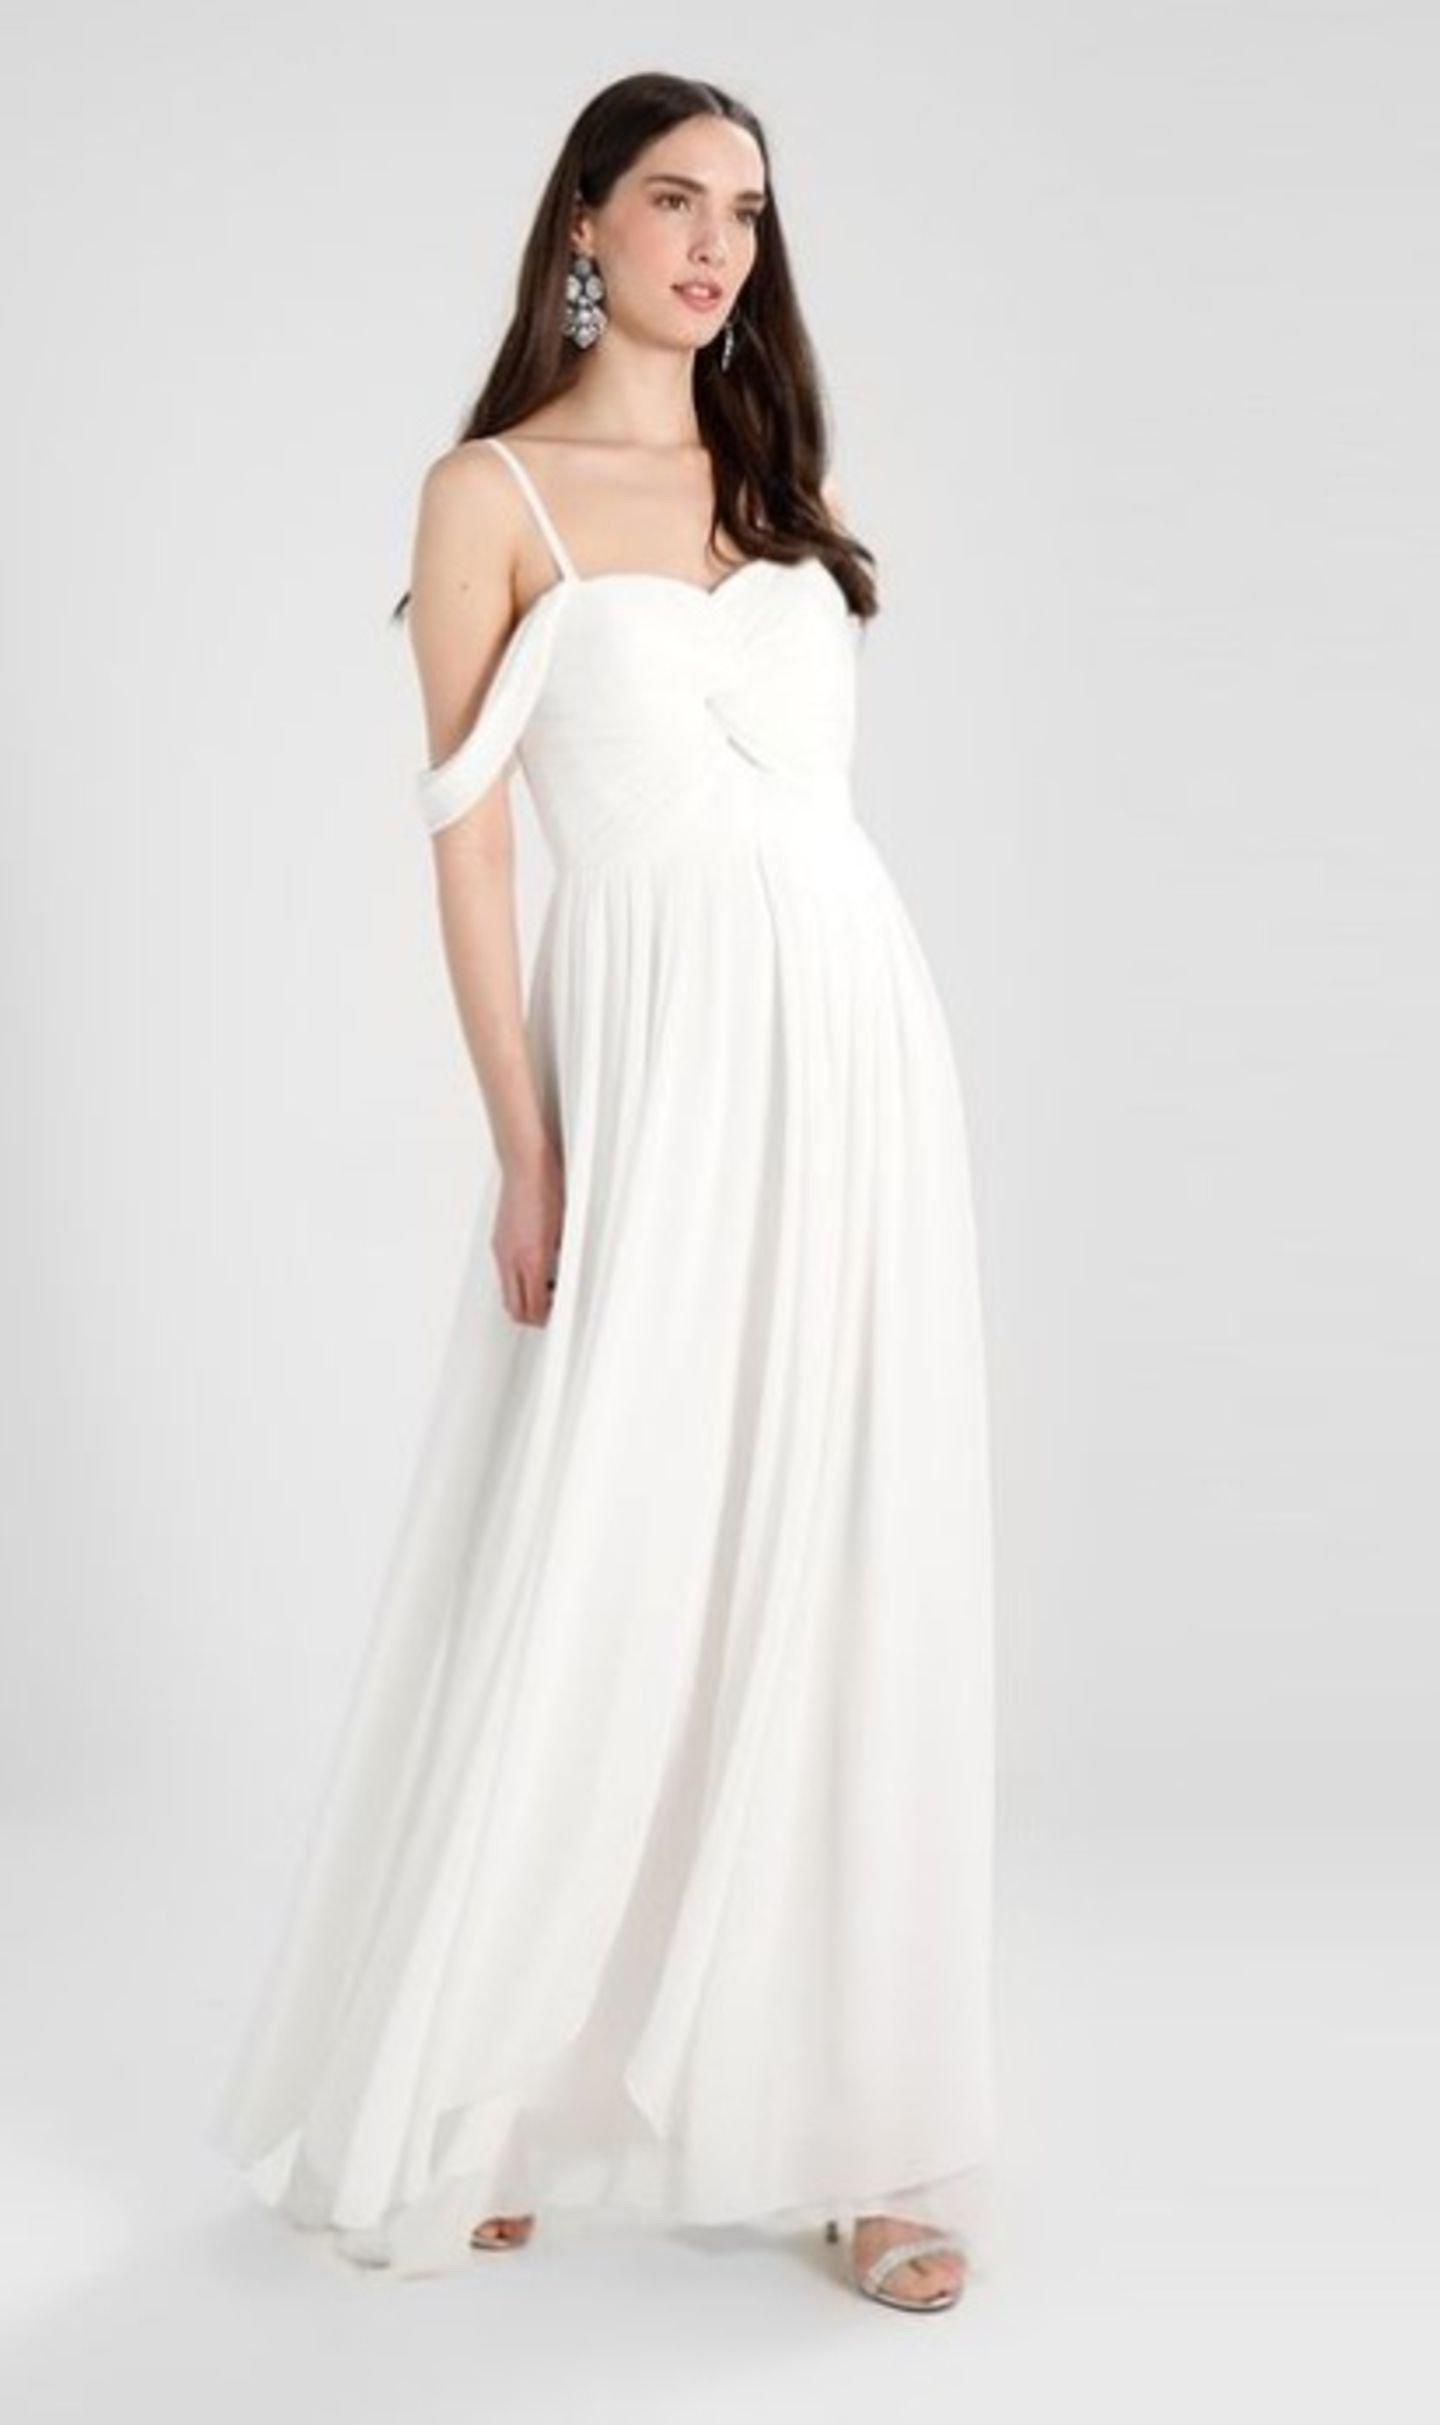 Günstige Brautkleider Hochzeitskleider Unter 500 Euro